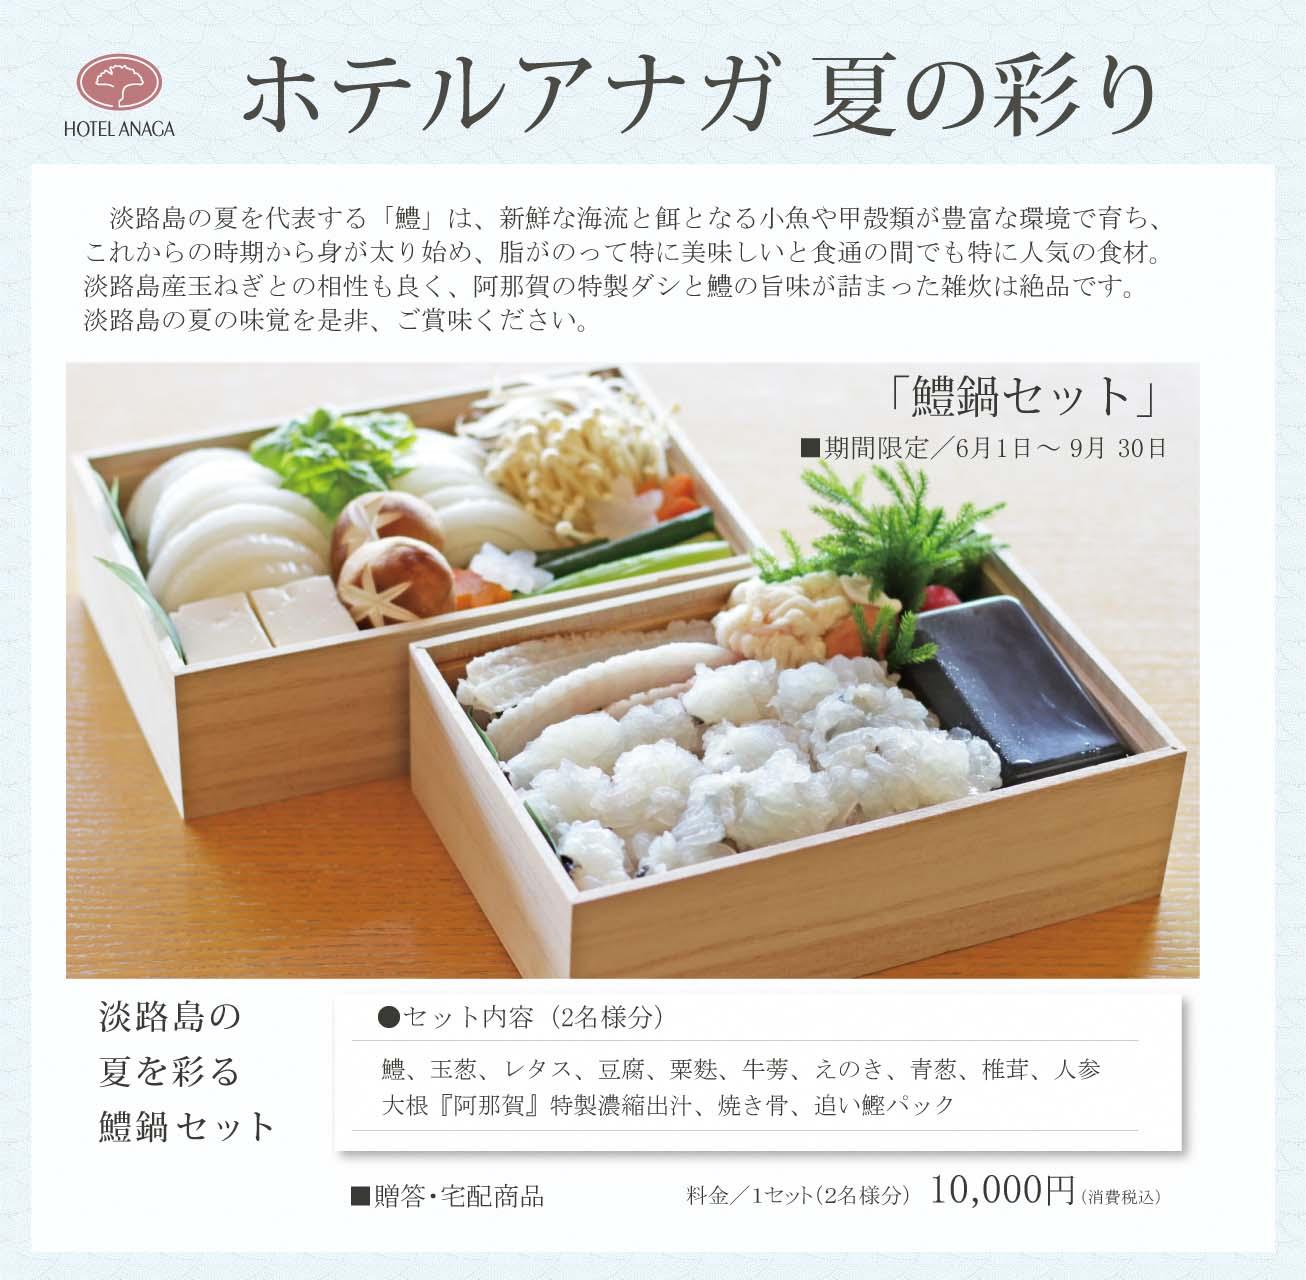 淡路島の夏を彩る「鱧鍋セット」宅配用